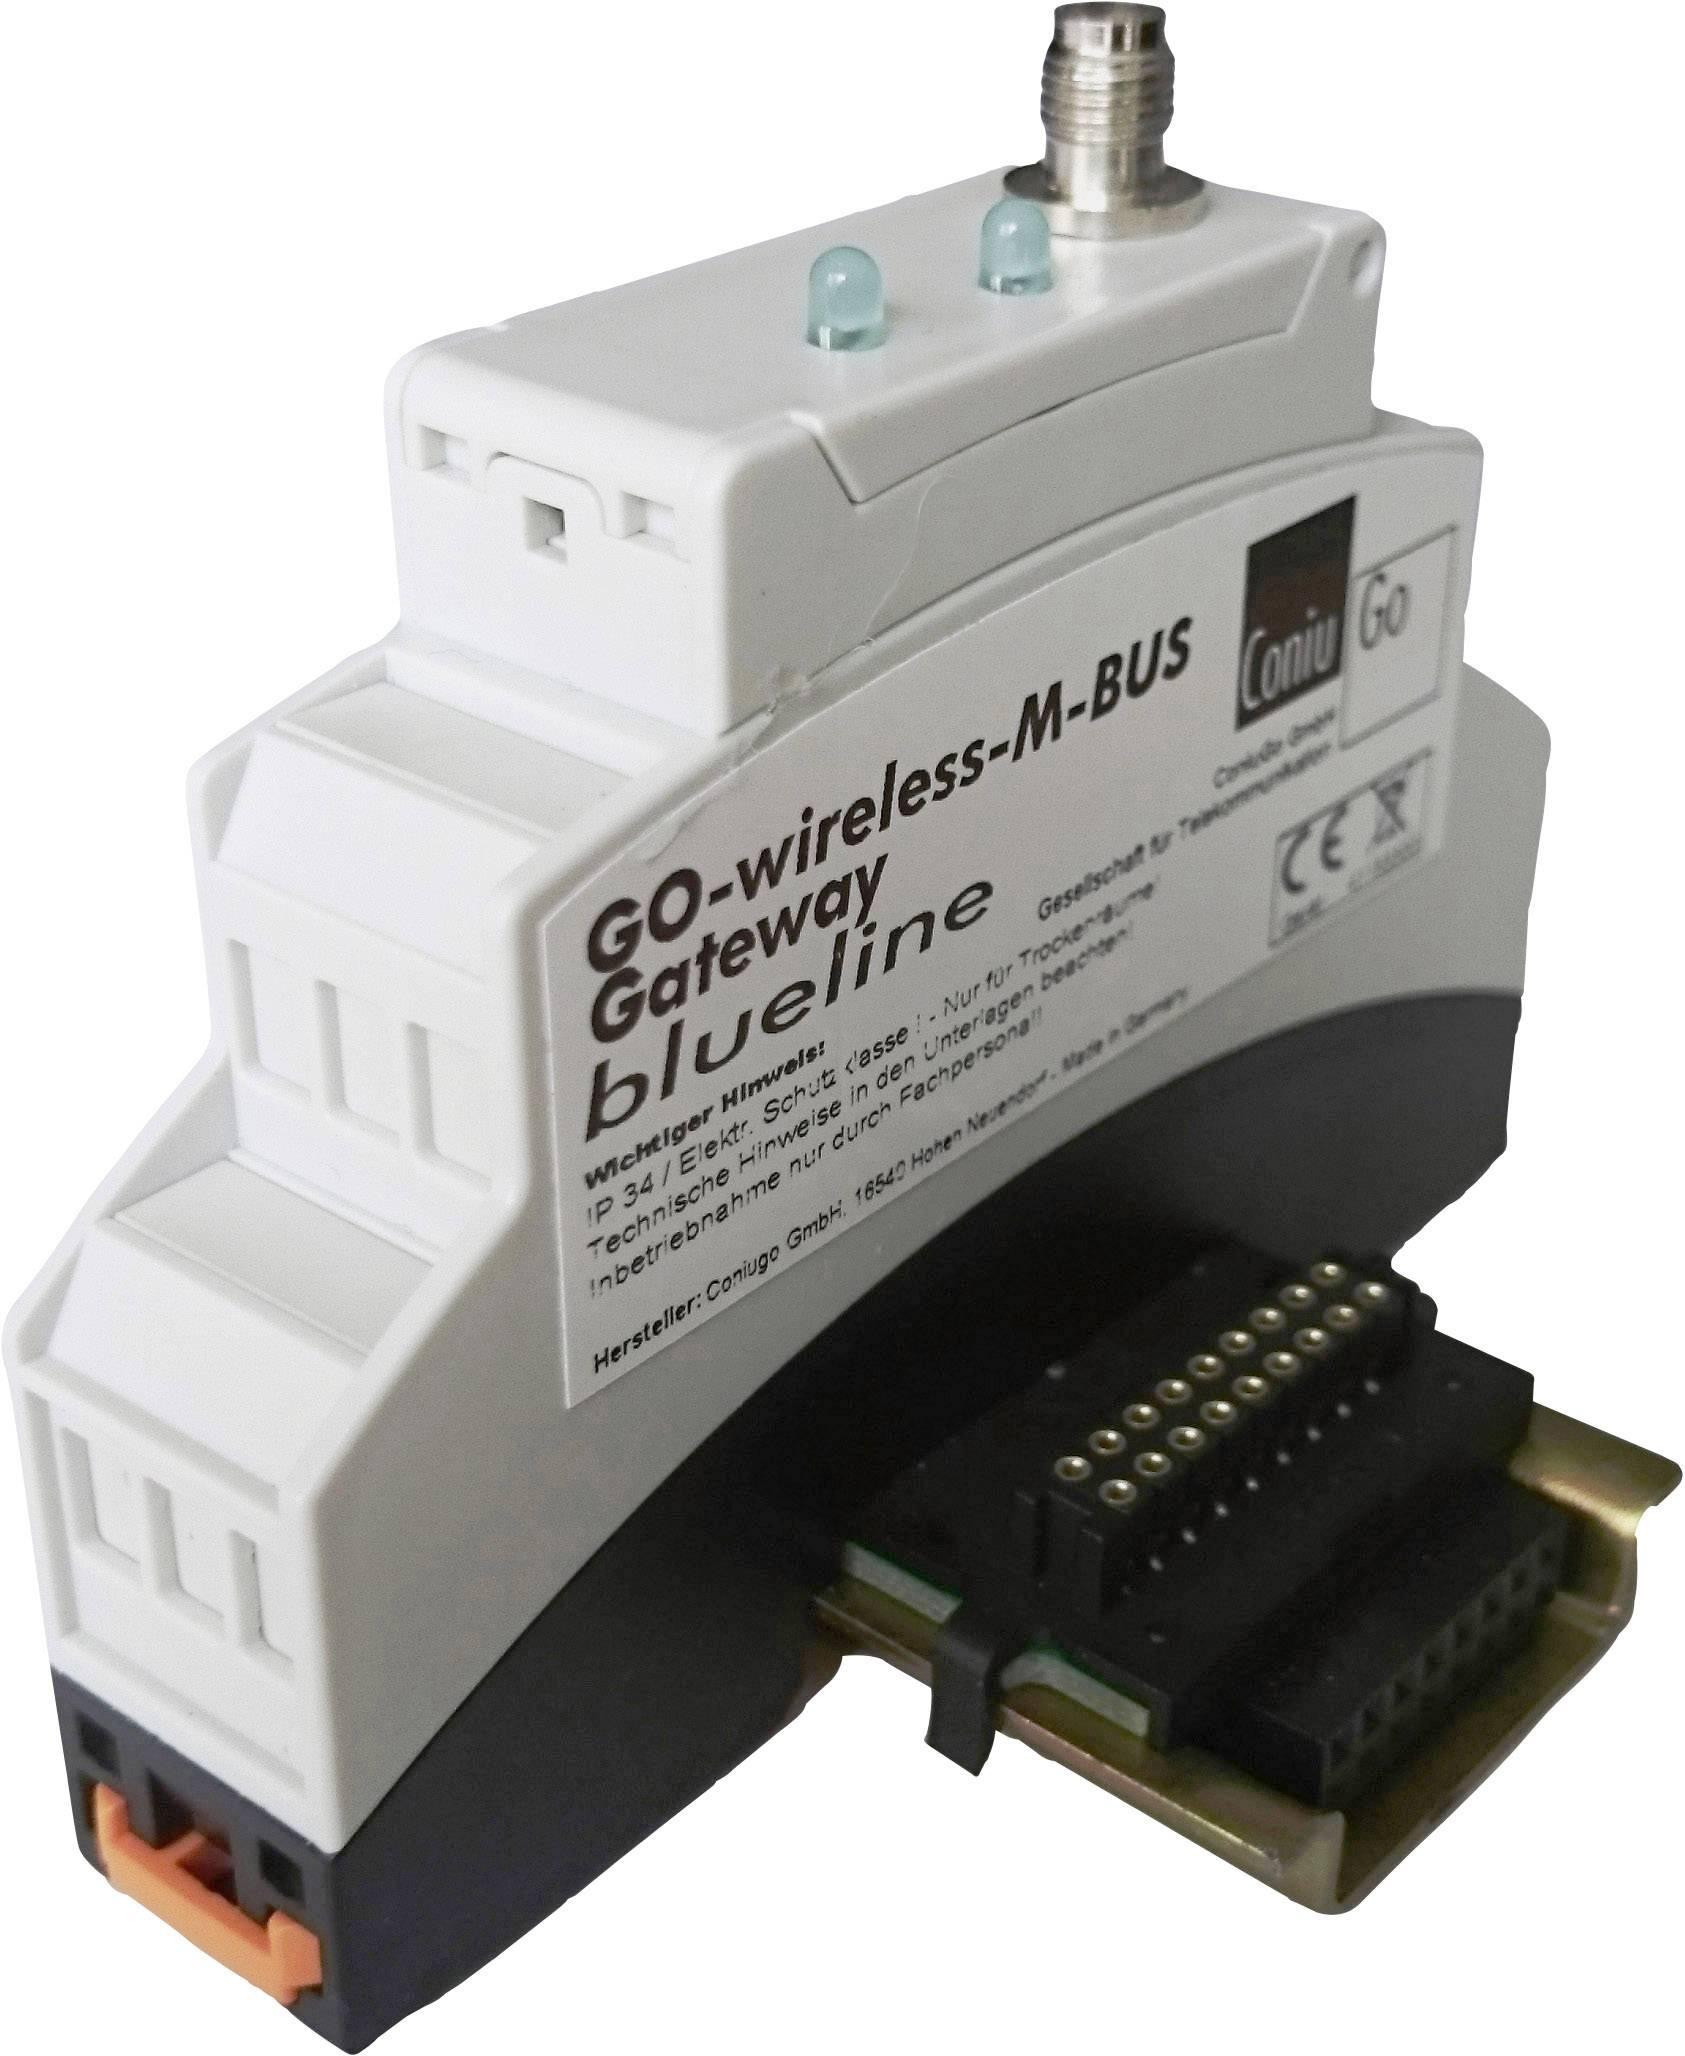 Modul Gateway ConiuGo 700300118 M-Bus